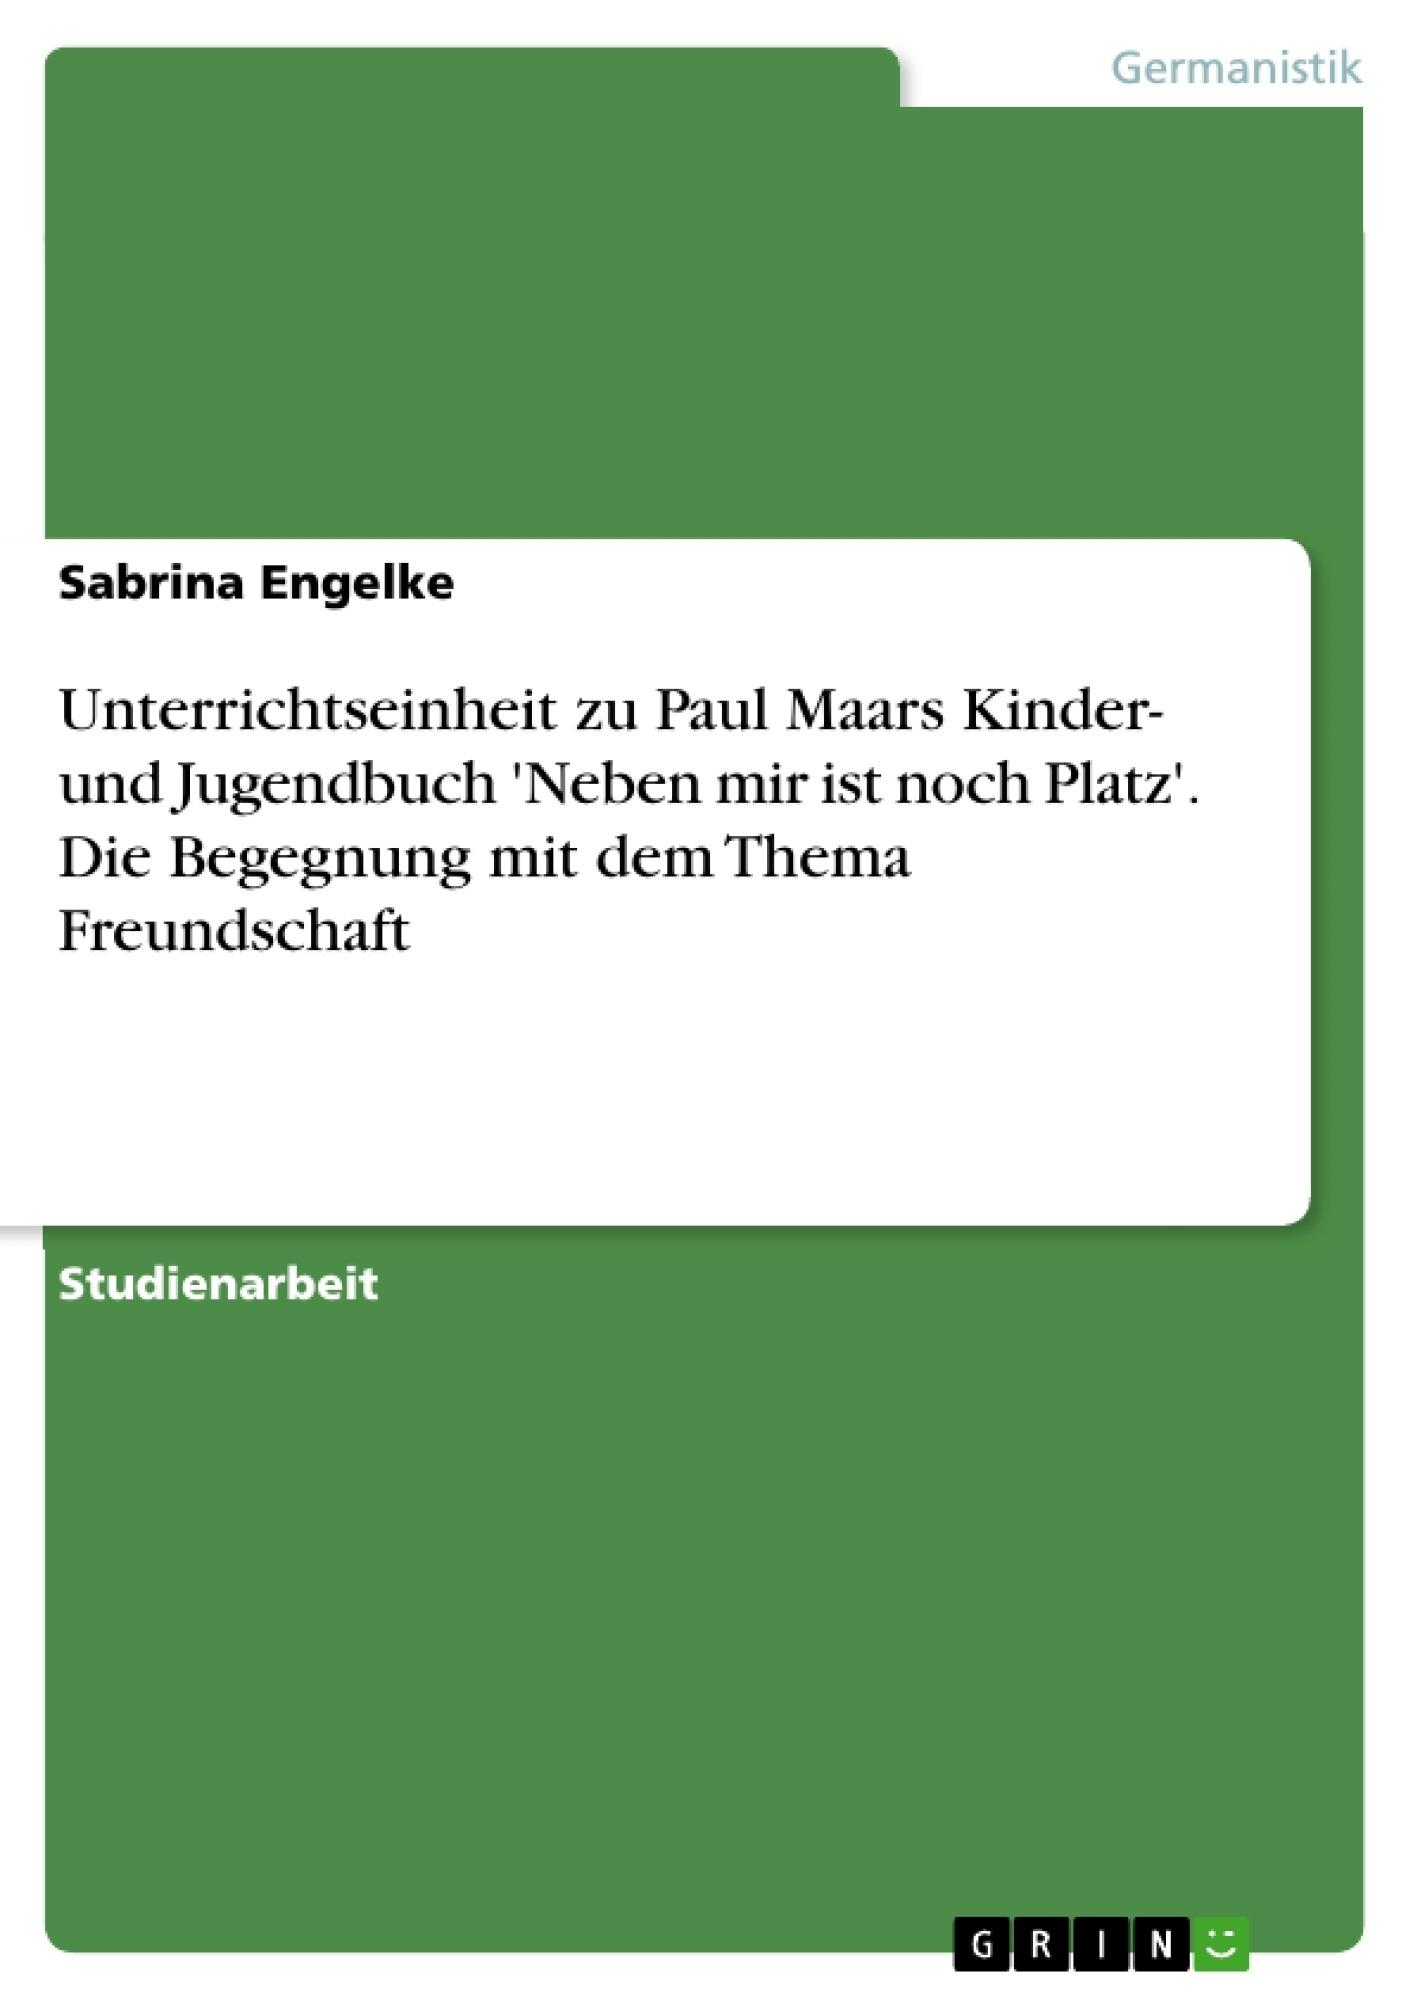 Titel: Unterrichtseinheit zu Paul Maars Kinder- und Jugendbuch 'Neben mir ist noch Platz'. Die Begegnung mit dem Thema Freundschaft